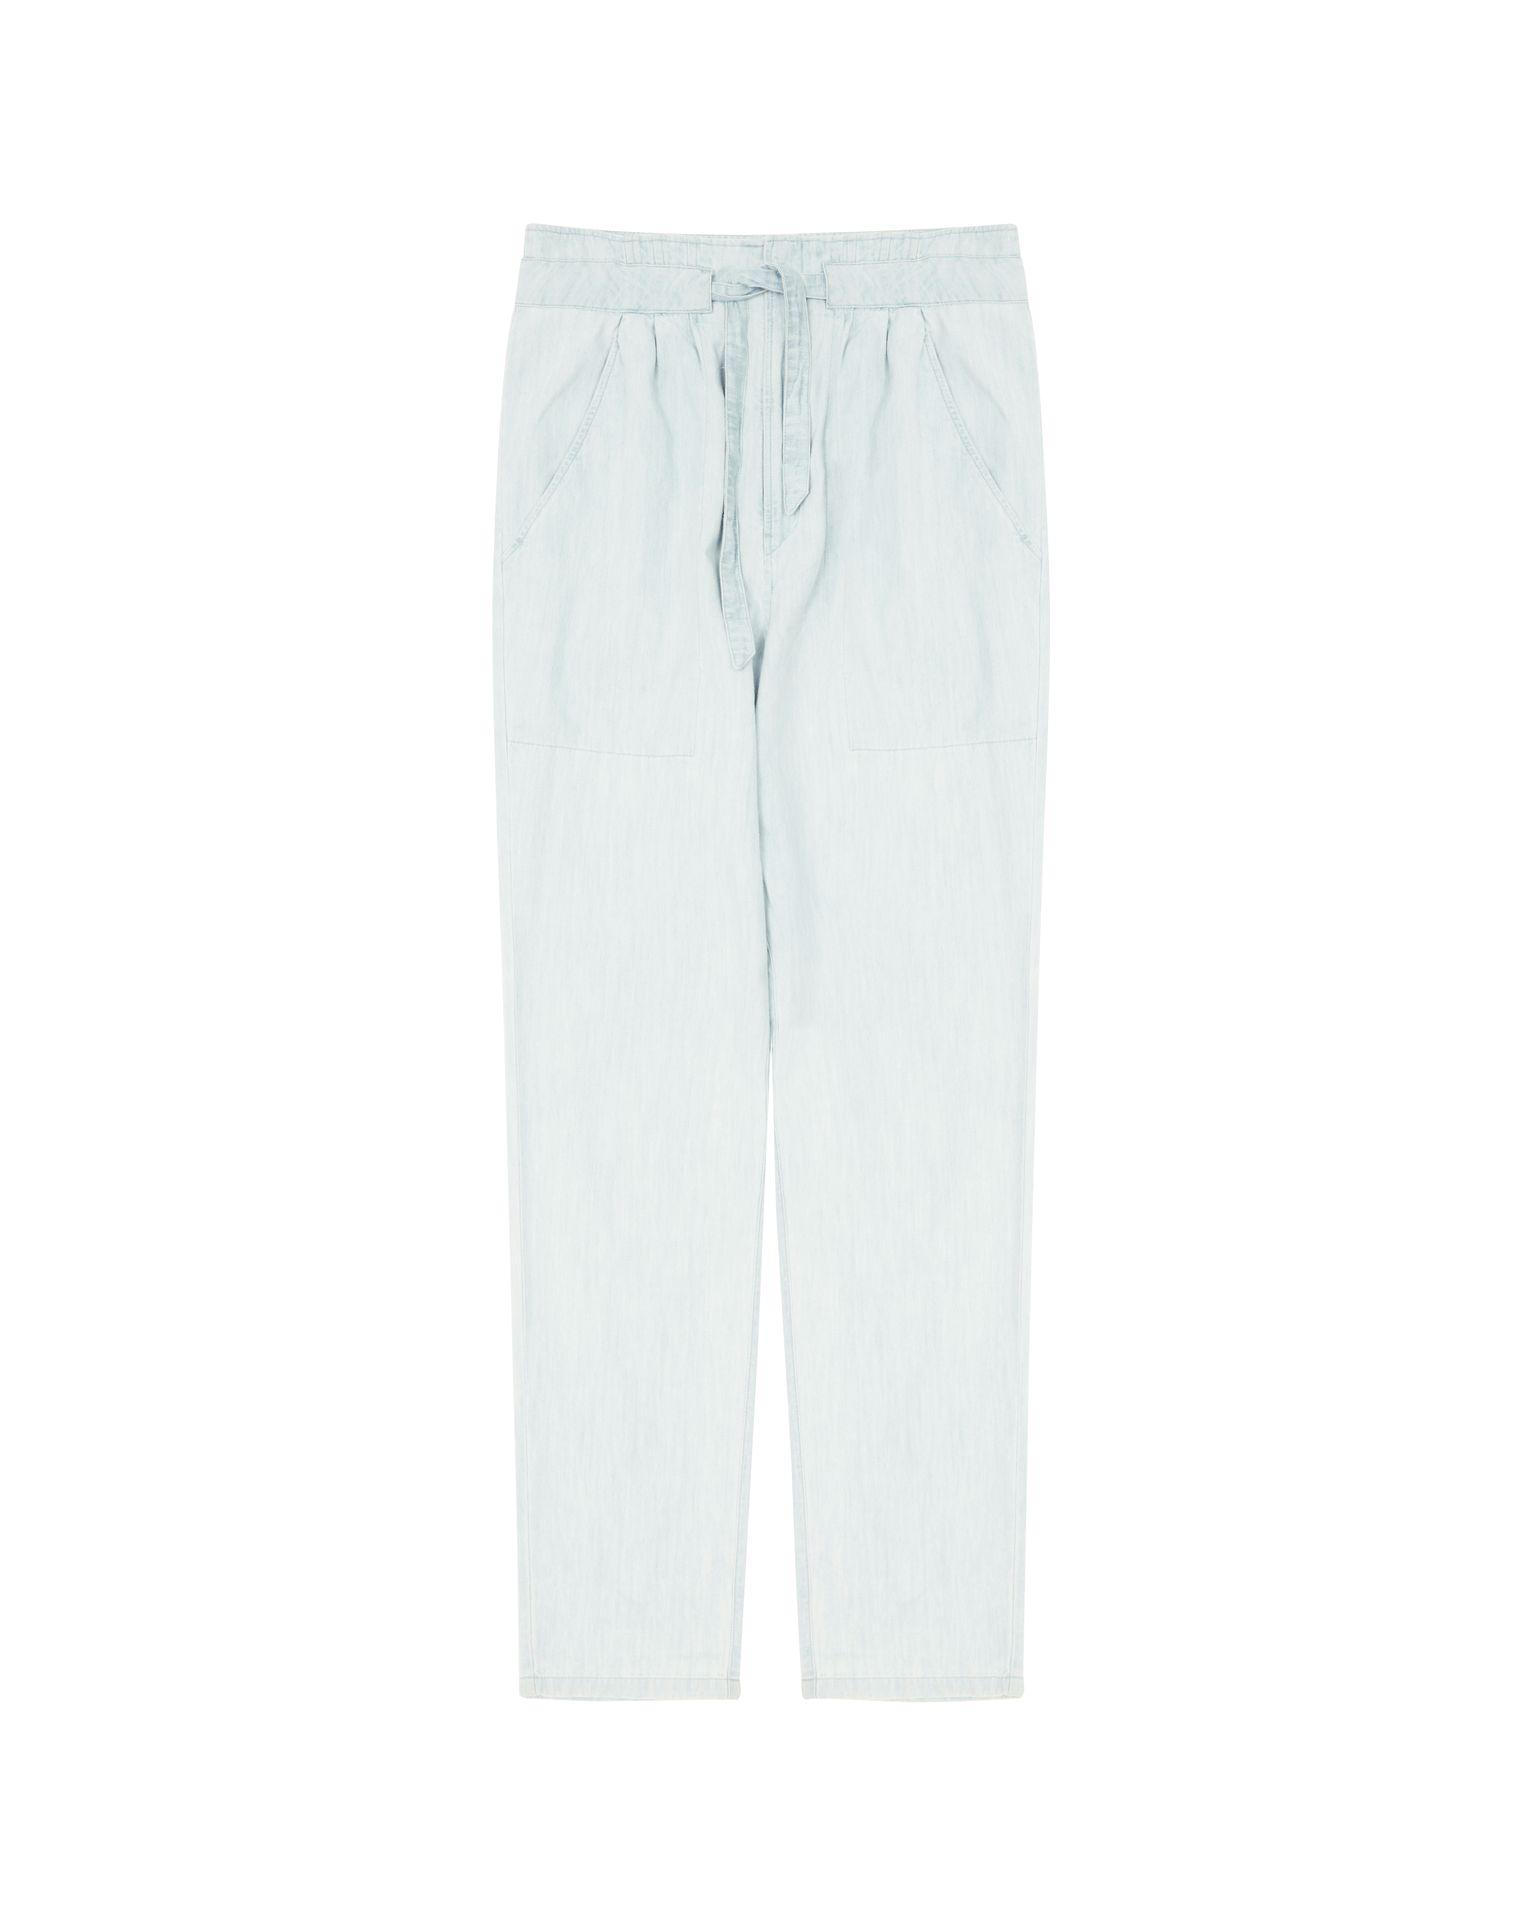 Jeans, Isabel Marant Etoile, Muardo